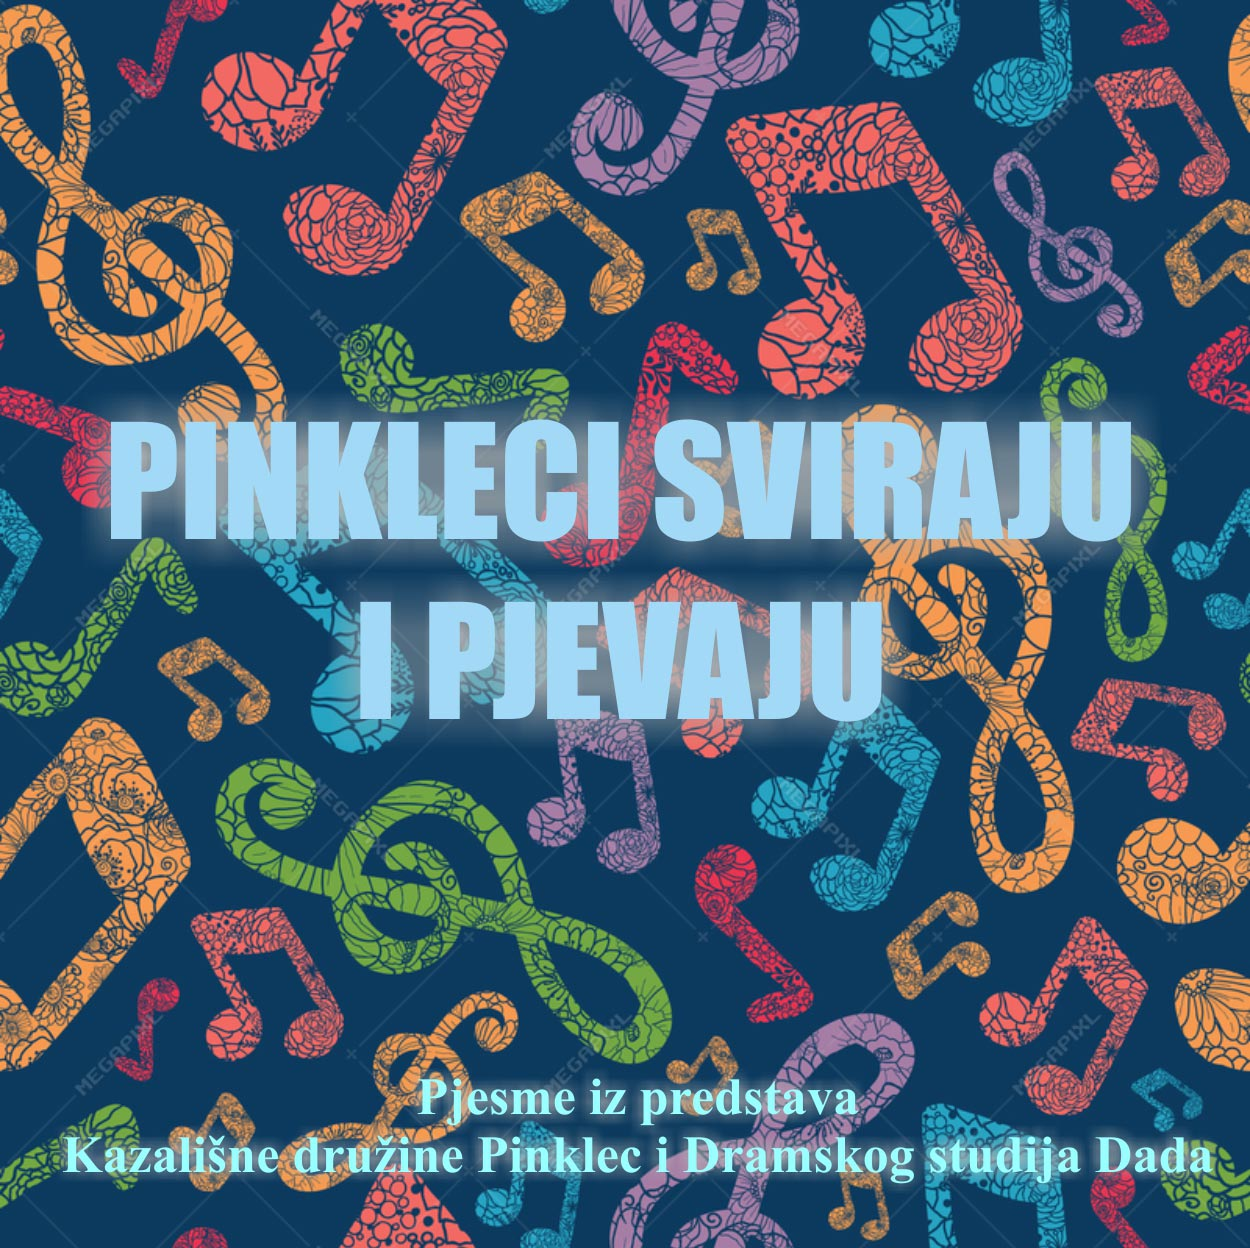 Album Pinkleci sviraju i pjevaju je konačno ugledao svjetlo internetskih stranica. Nakon tri mjeseca provedenih u studiju, snimanja glazbe, vokala, bek vokala i sve to začinjeno samoizolacijama, karantenama, potresima i drugim uobičajenim pojavama u 2020. godini album s 14 pjesama iz predstava Kazališne družine Pinklec i njenog Dramskog studija Dada spreman je za slušanje i […]